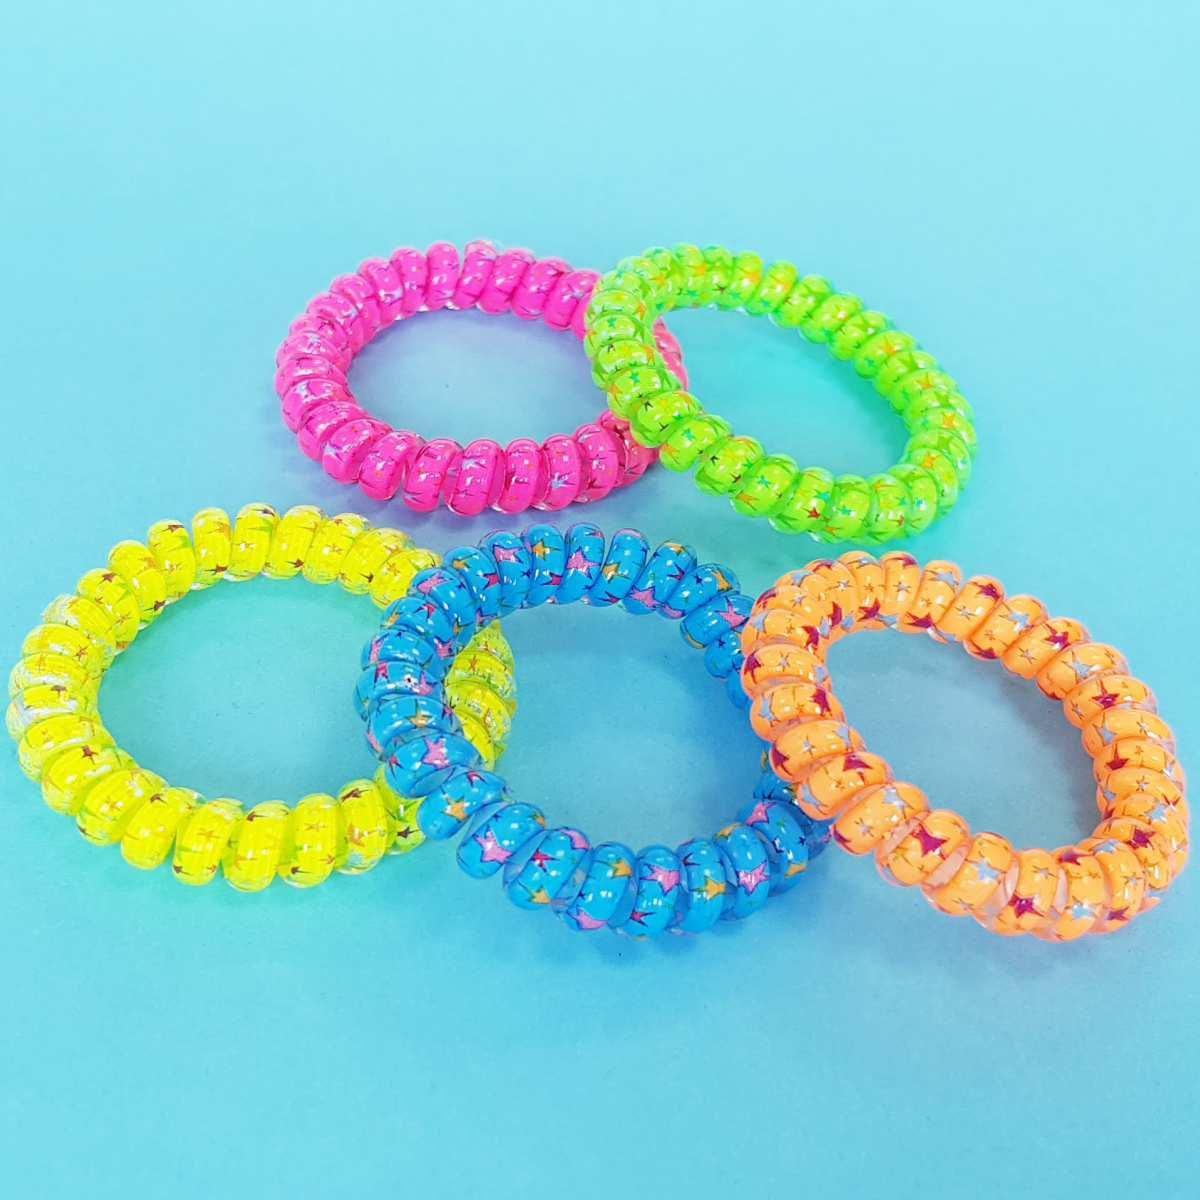 Neon-Spiralarmreifen